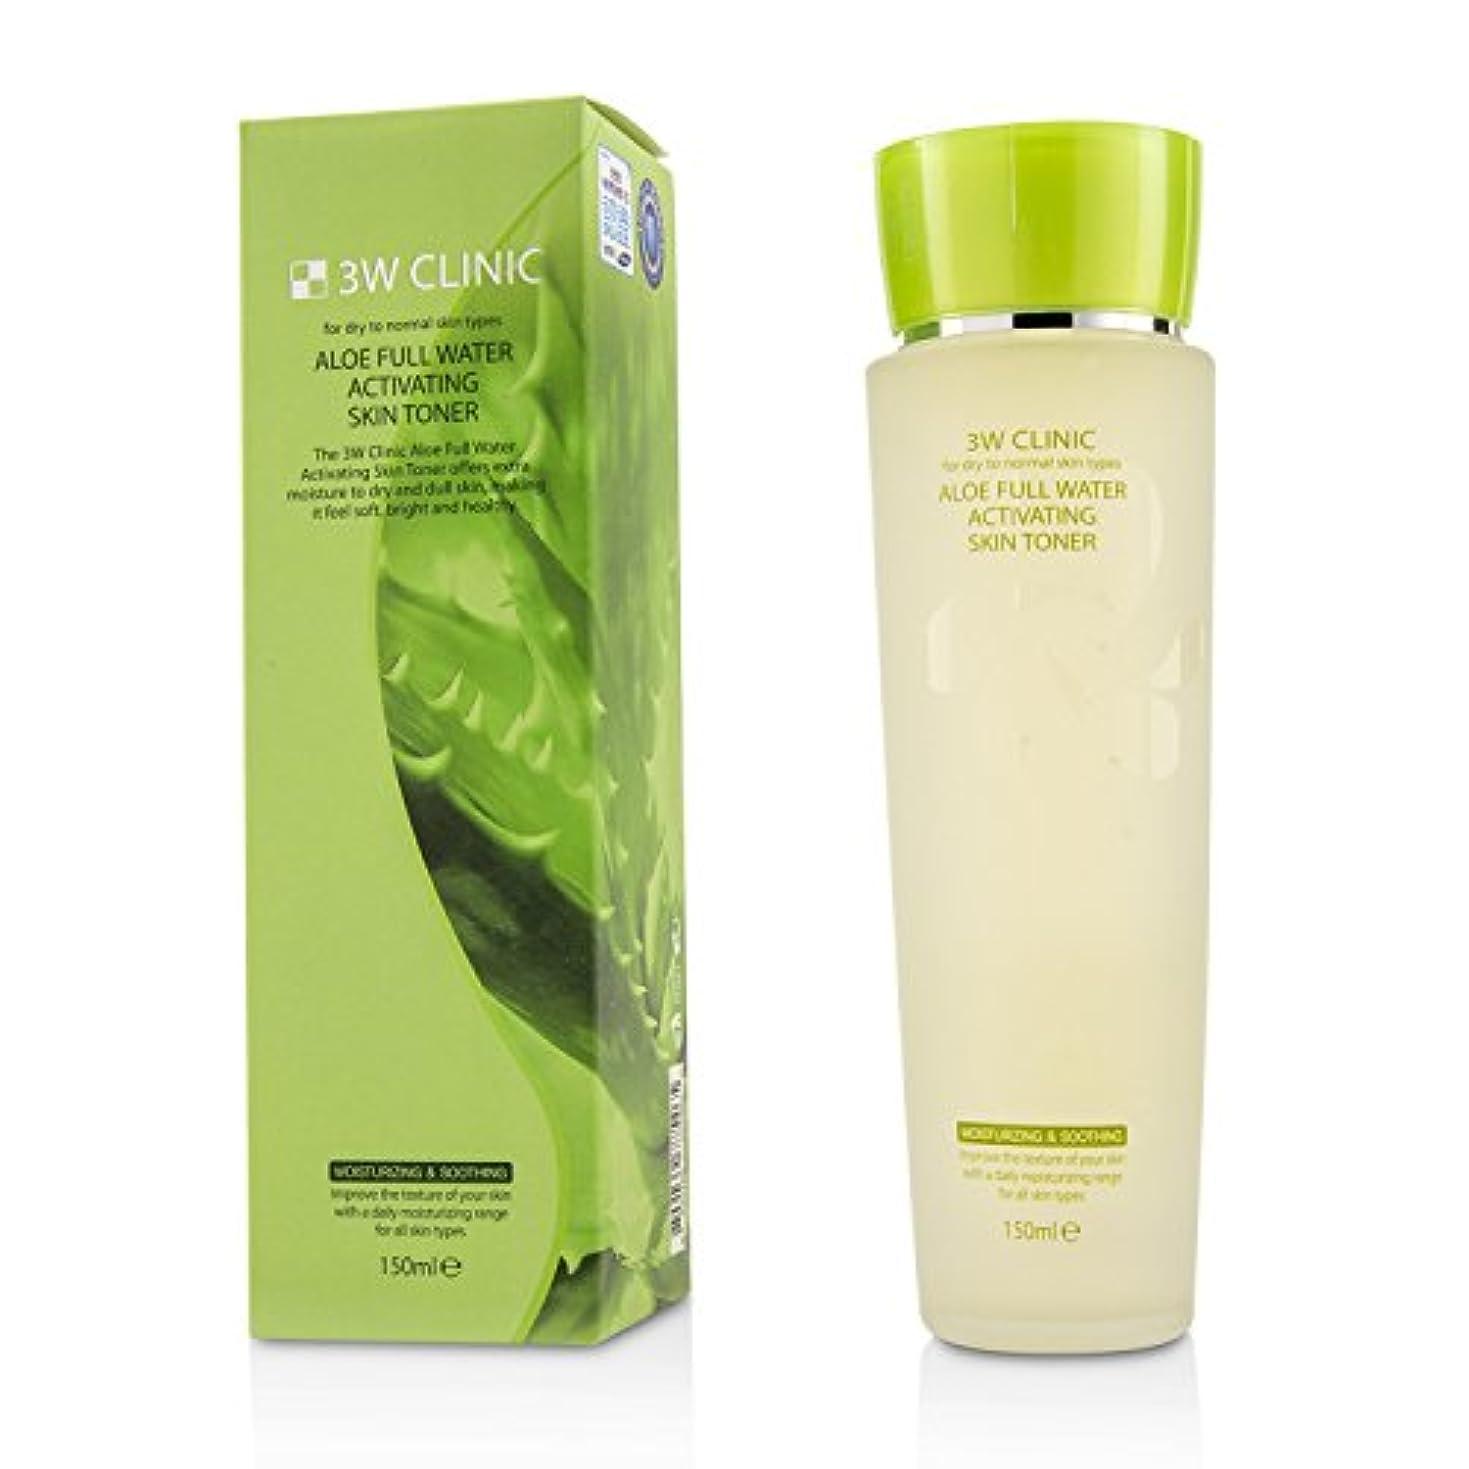 不愉快虹乱気流3Wクリニック Aloe Full Water Activating Skin Toner - For Dry to Normal Skin Types 150ml/5oz並行輸入品